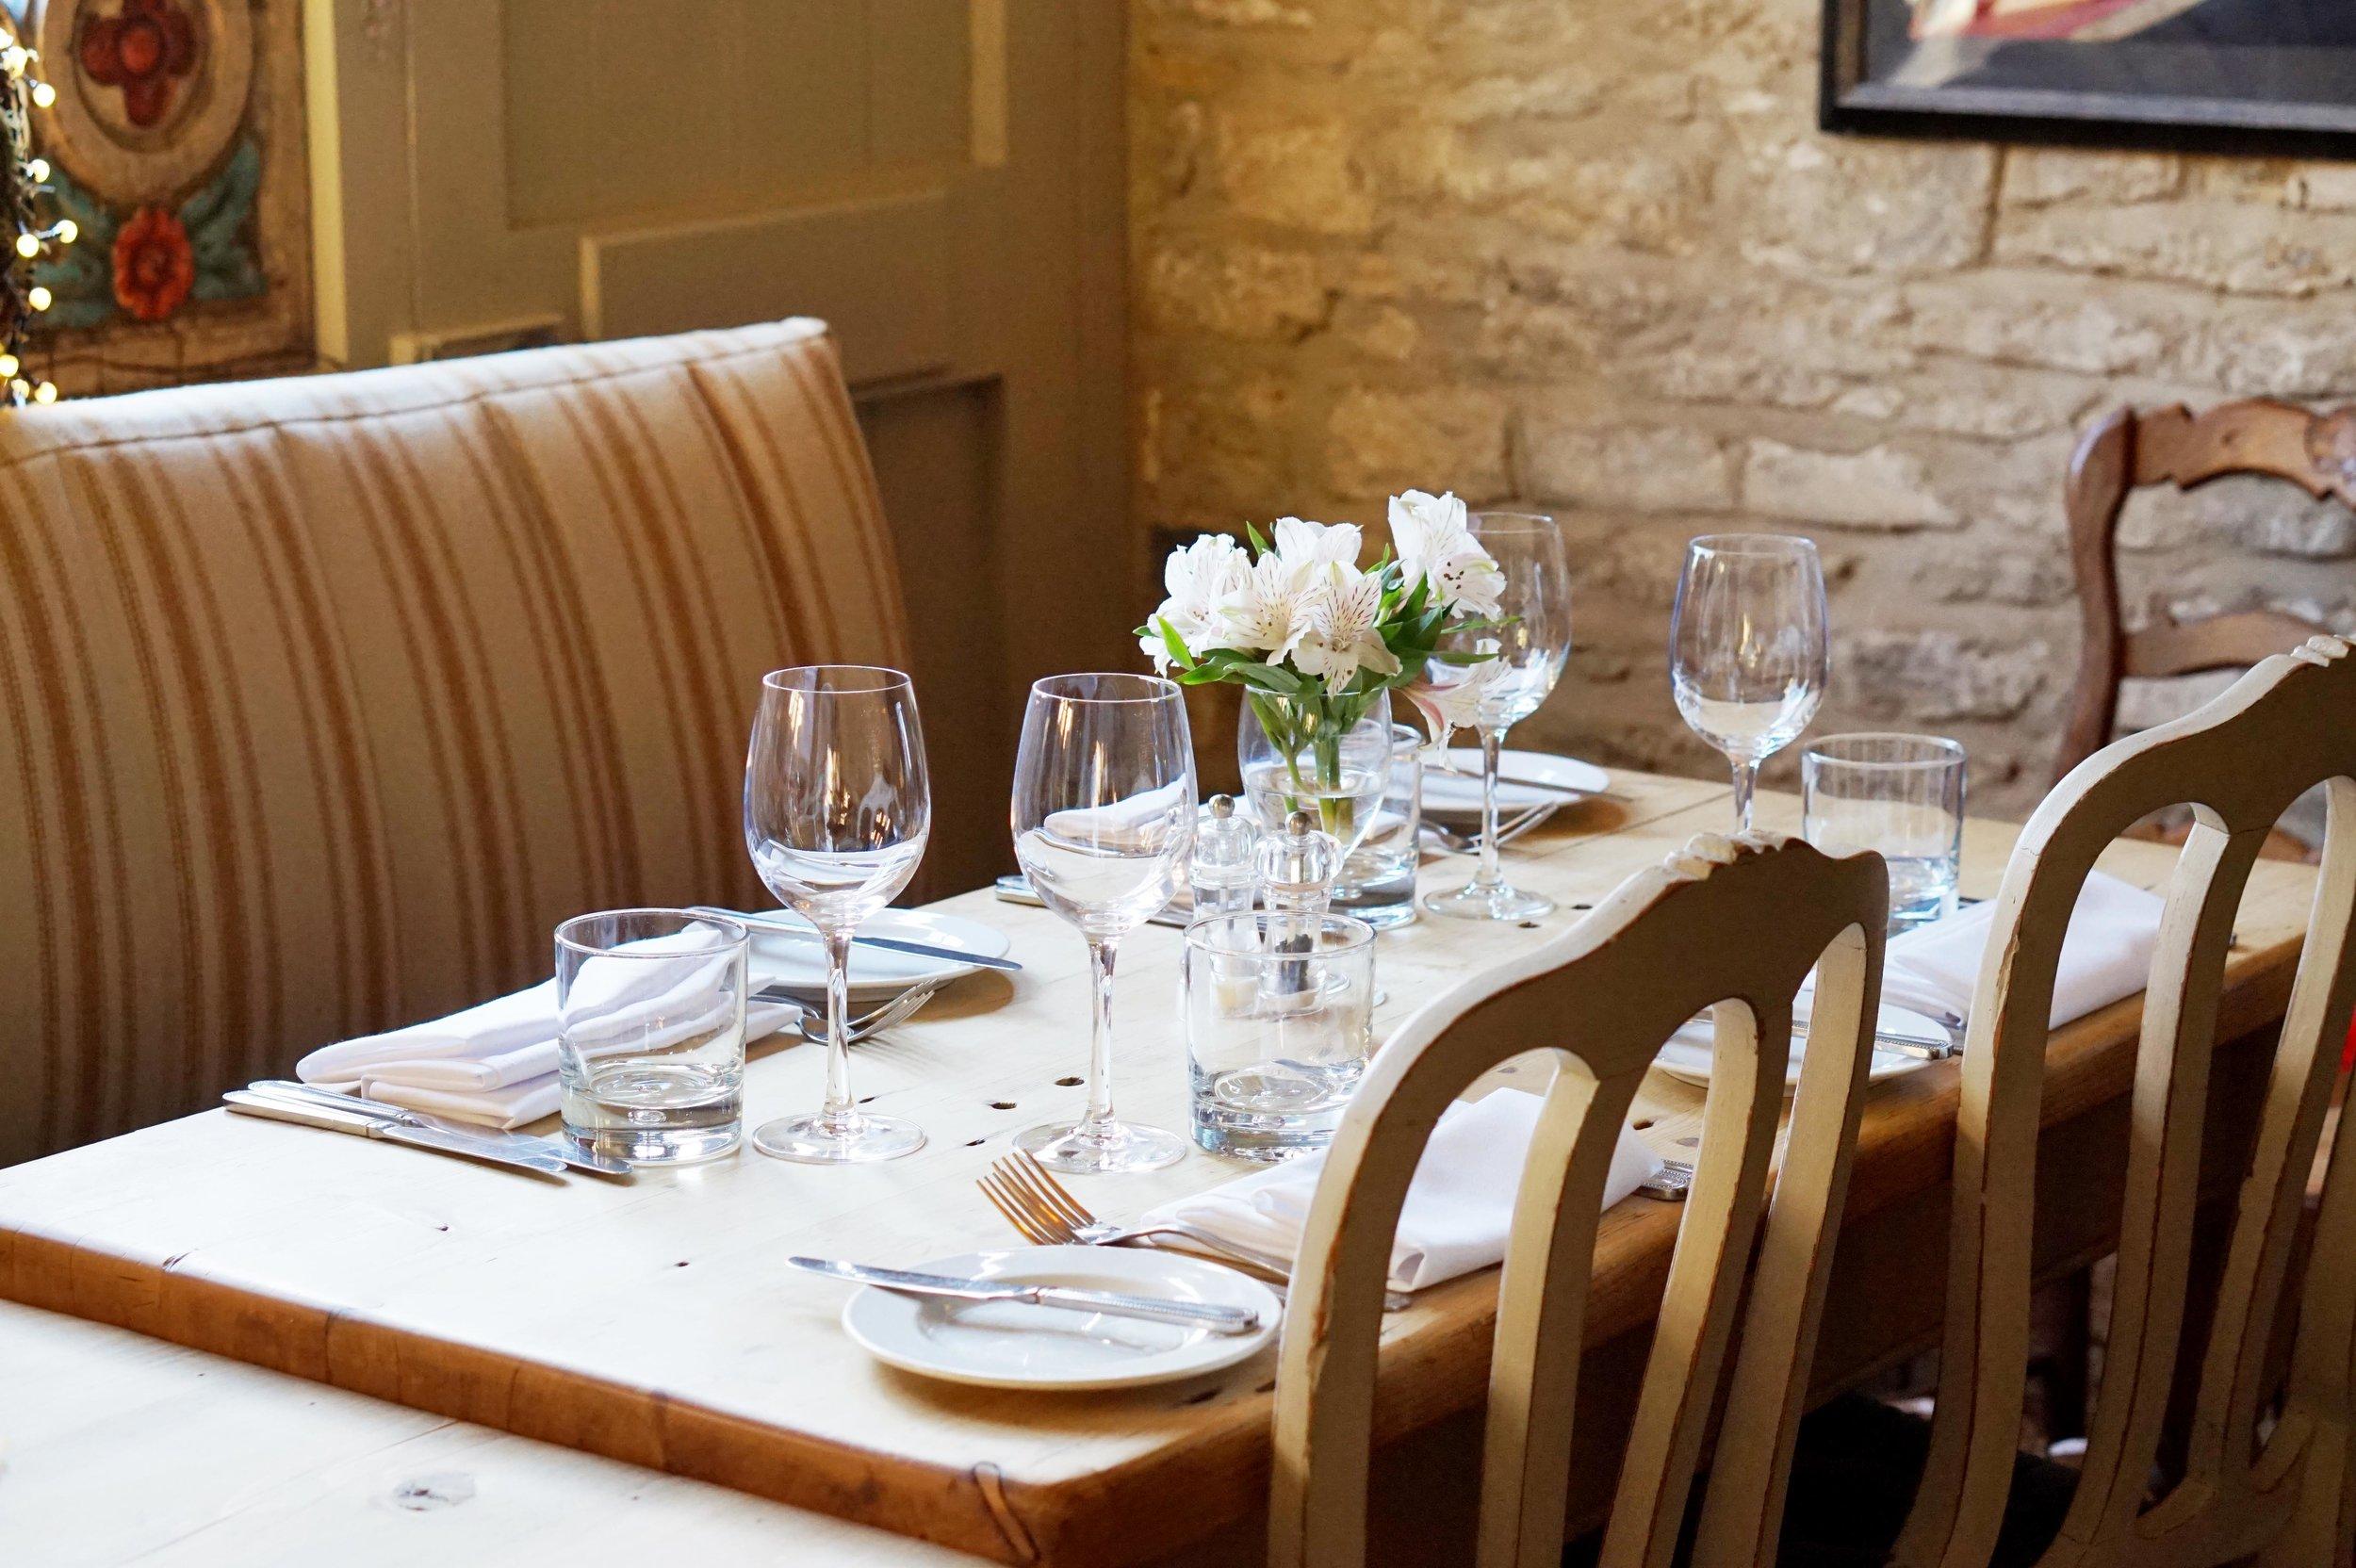 bynoelle-the-plough-inn-kelmscott-hotel-review10